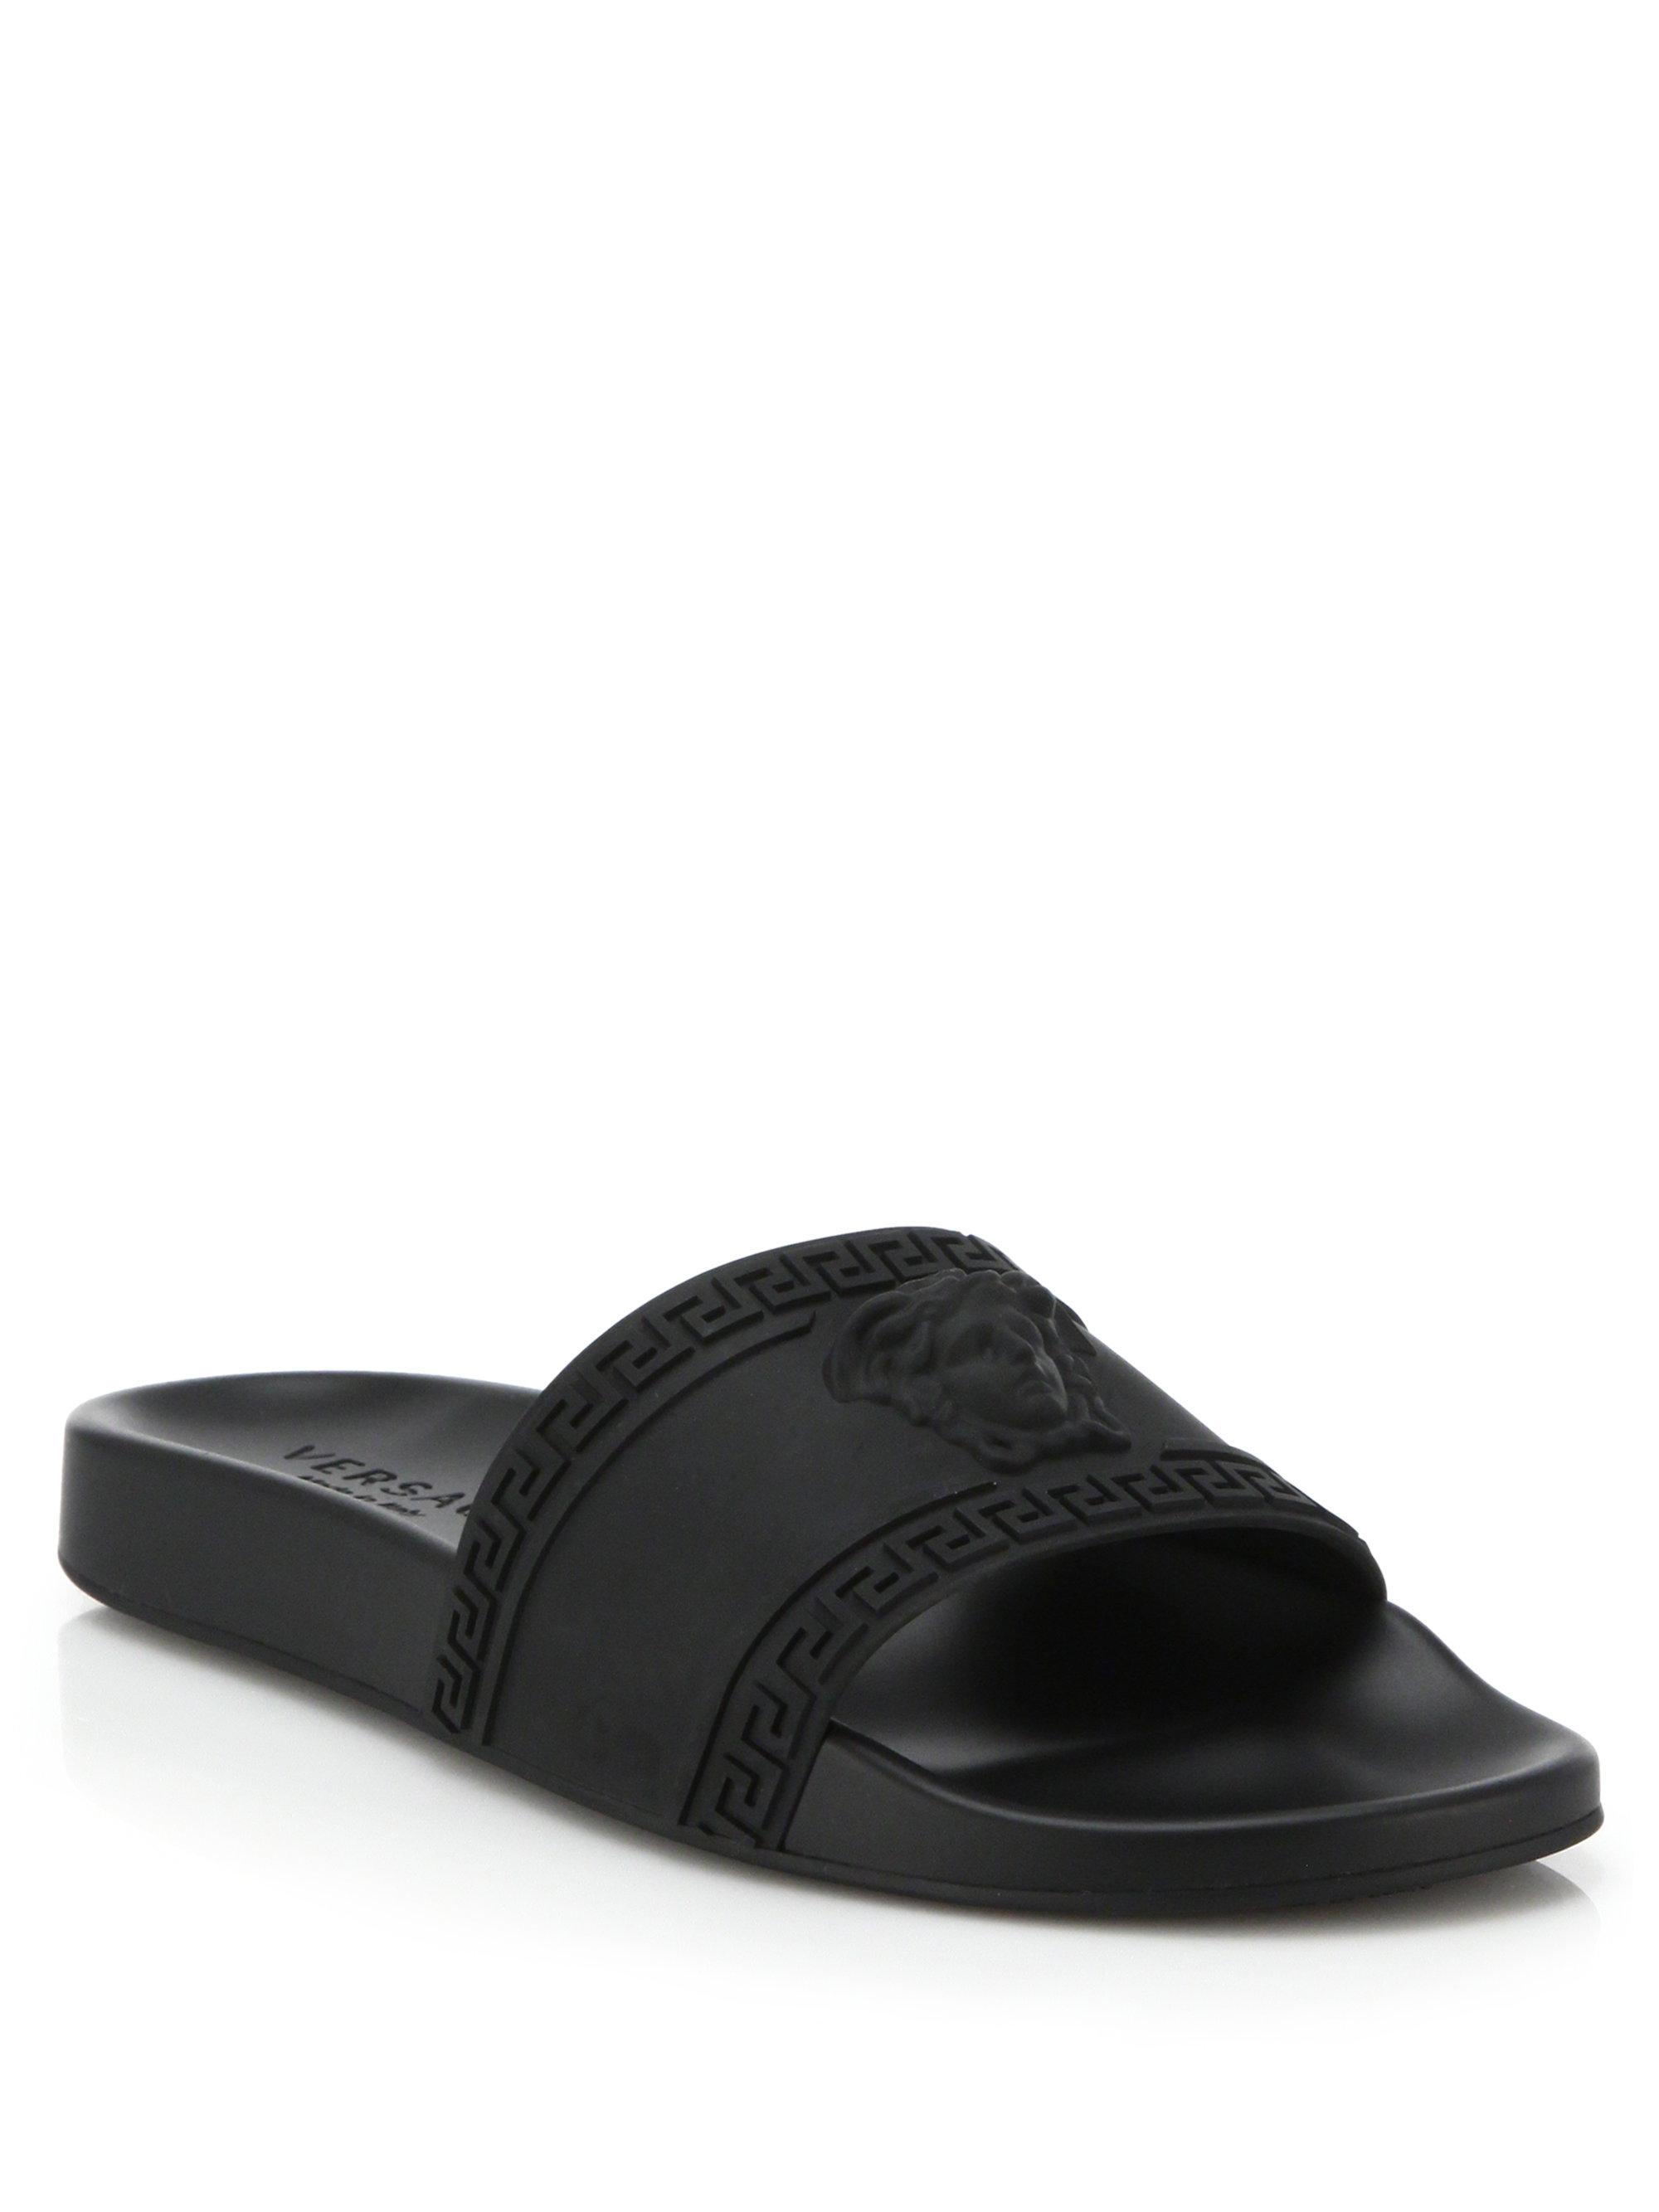 Balenciaga Mens Shoes Saks